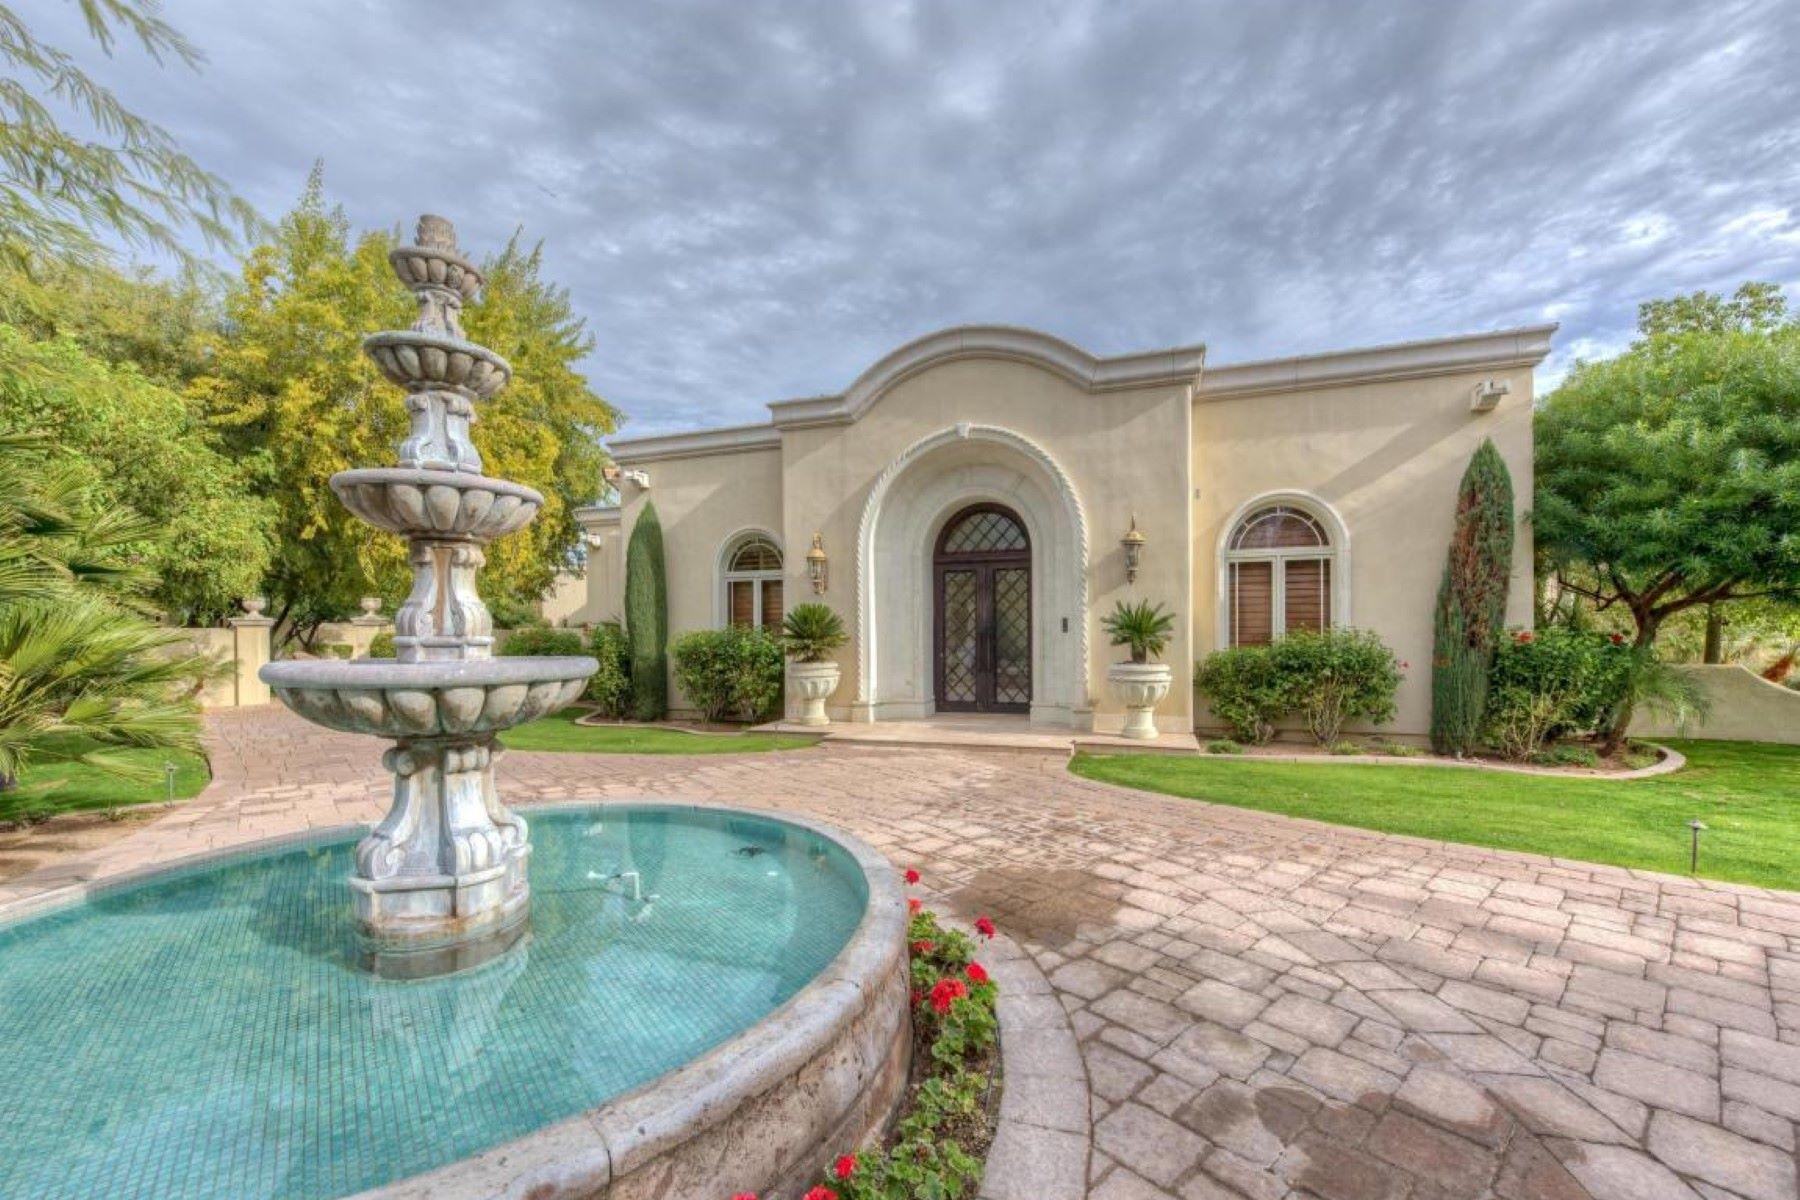 獨棟家庭住宅 為 出售 在 gorgeous Mediterranean estate 4900 E DESERT FAIRWAYS DRIVE, Paradise Valley, 亞利桑那州, 85253 美國